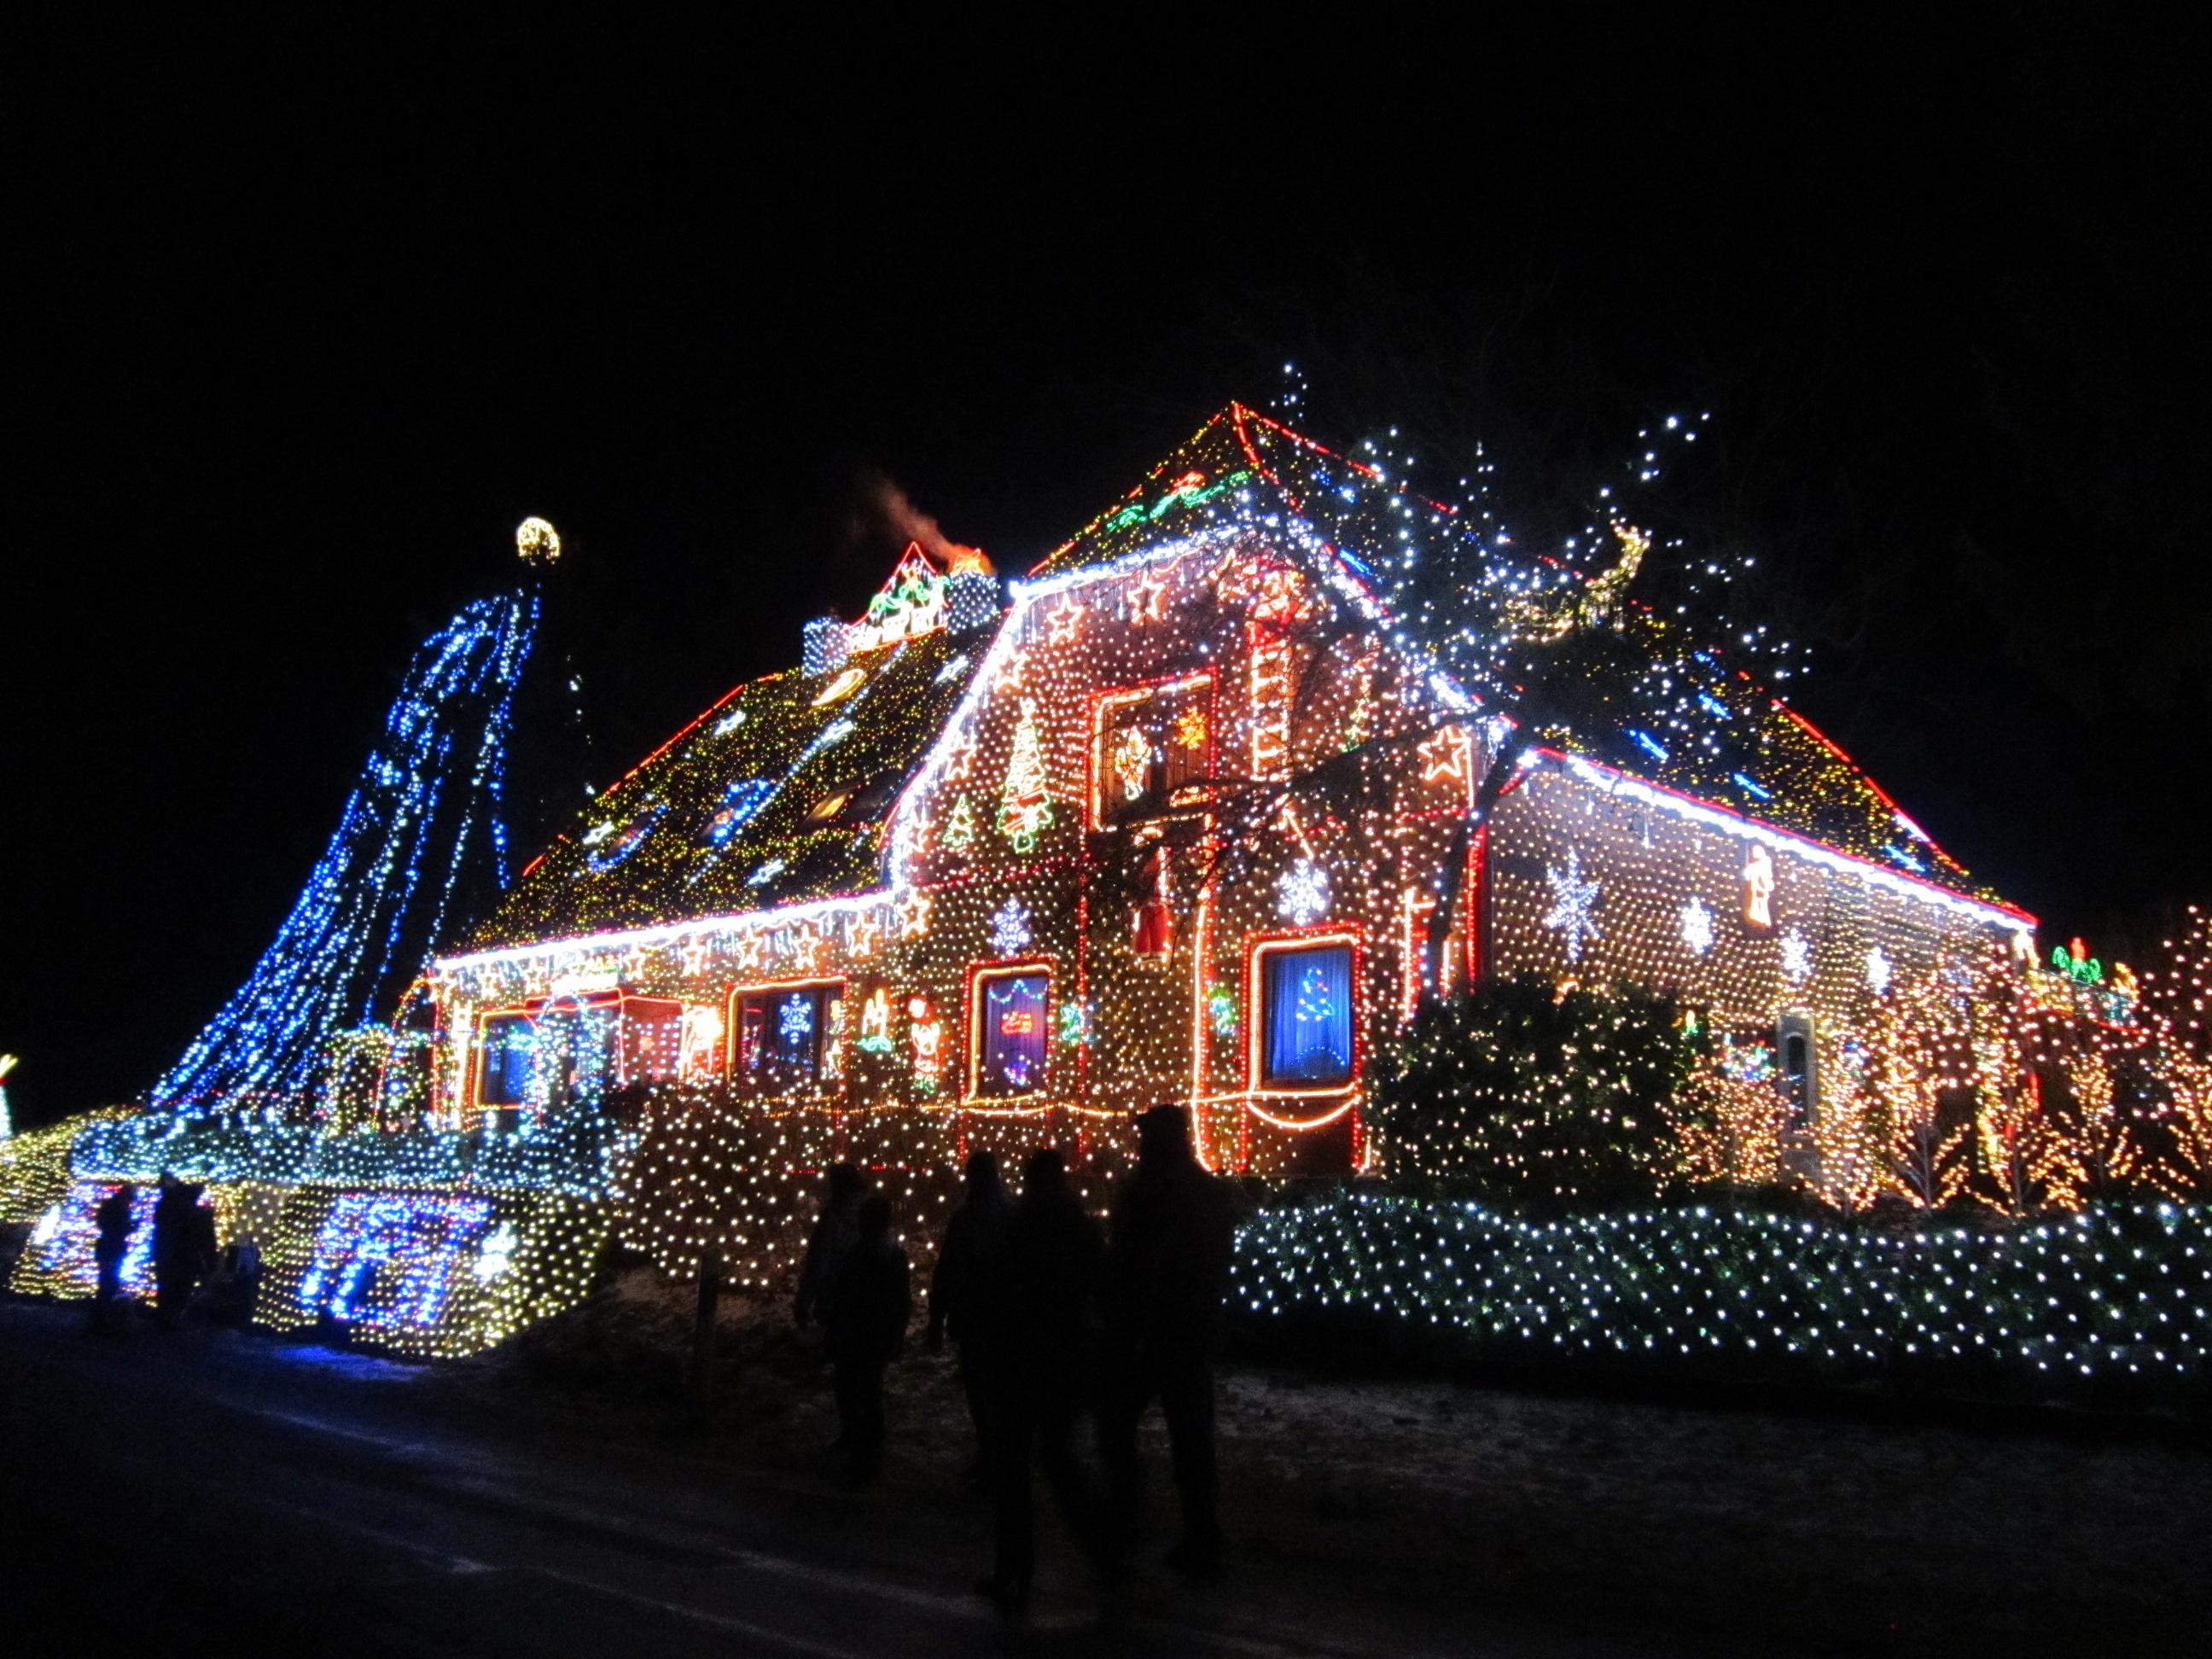 Kalle Niedersachsen Weihnachtsbeleuchtung.Datei Calle Weihnachtshaus Jpg Wikipedia